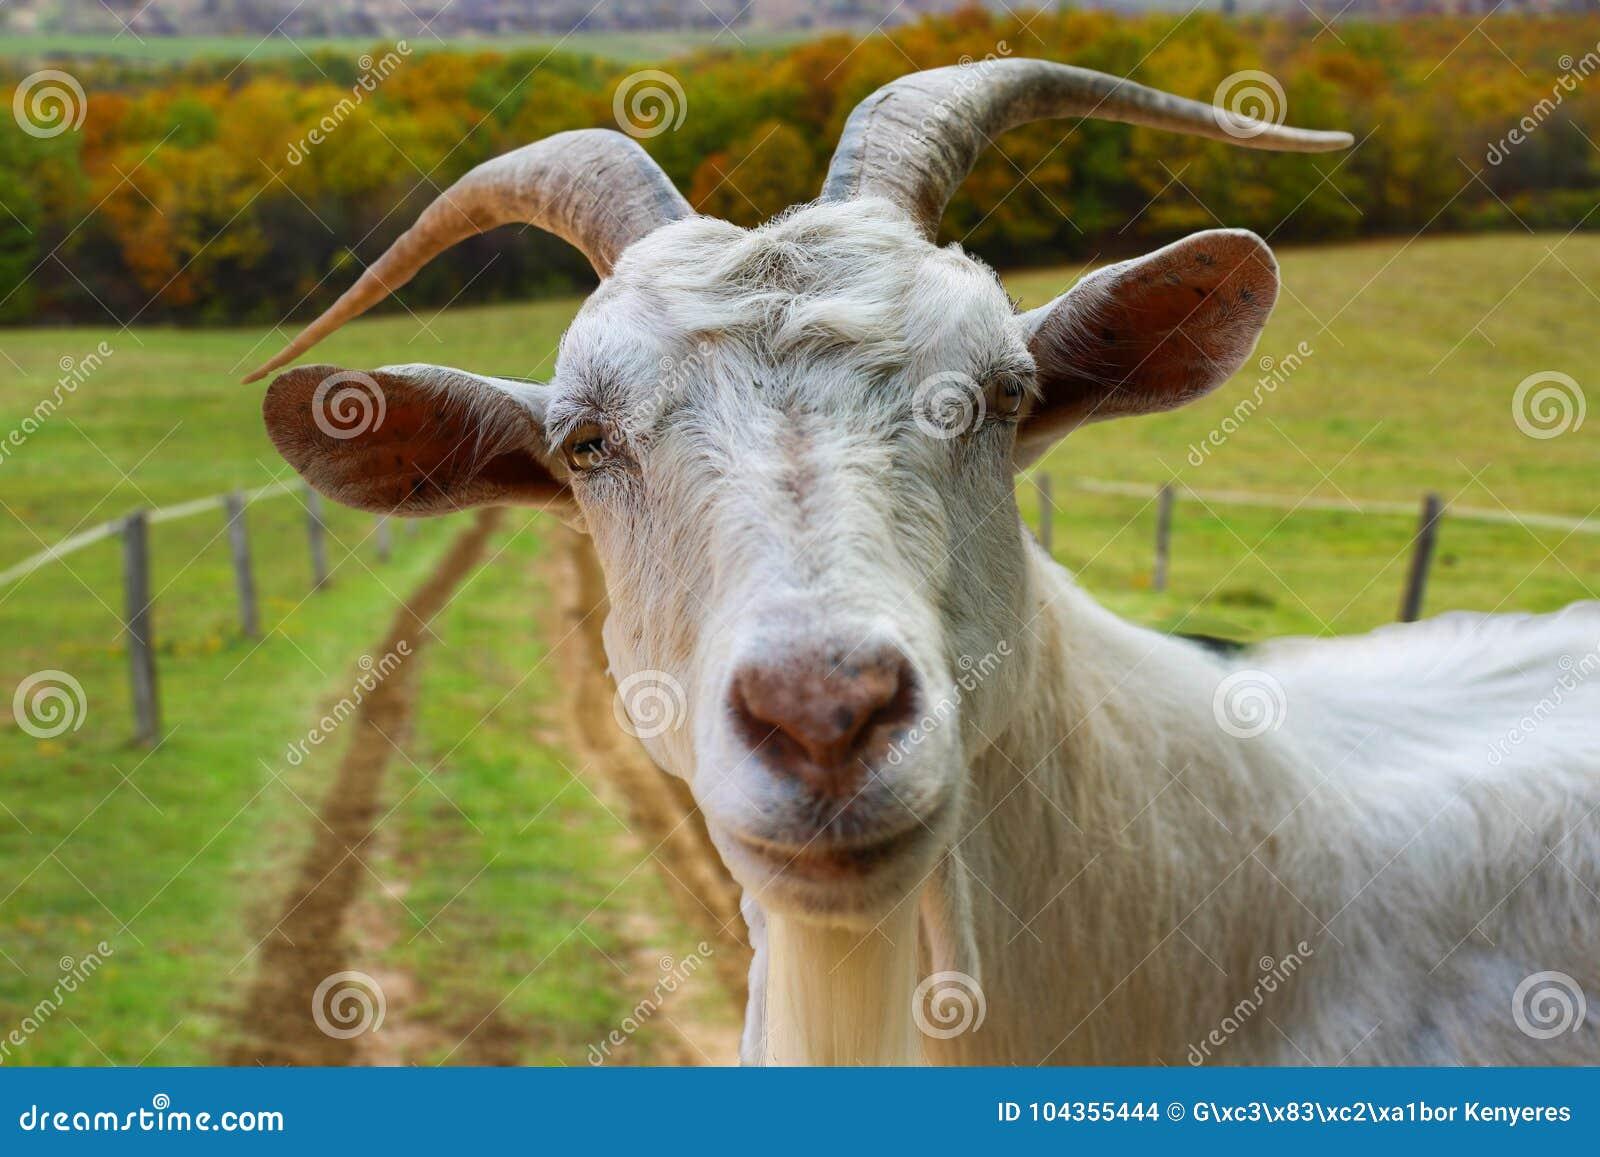 Portrait de chèvre de la ferme